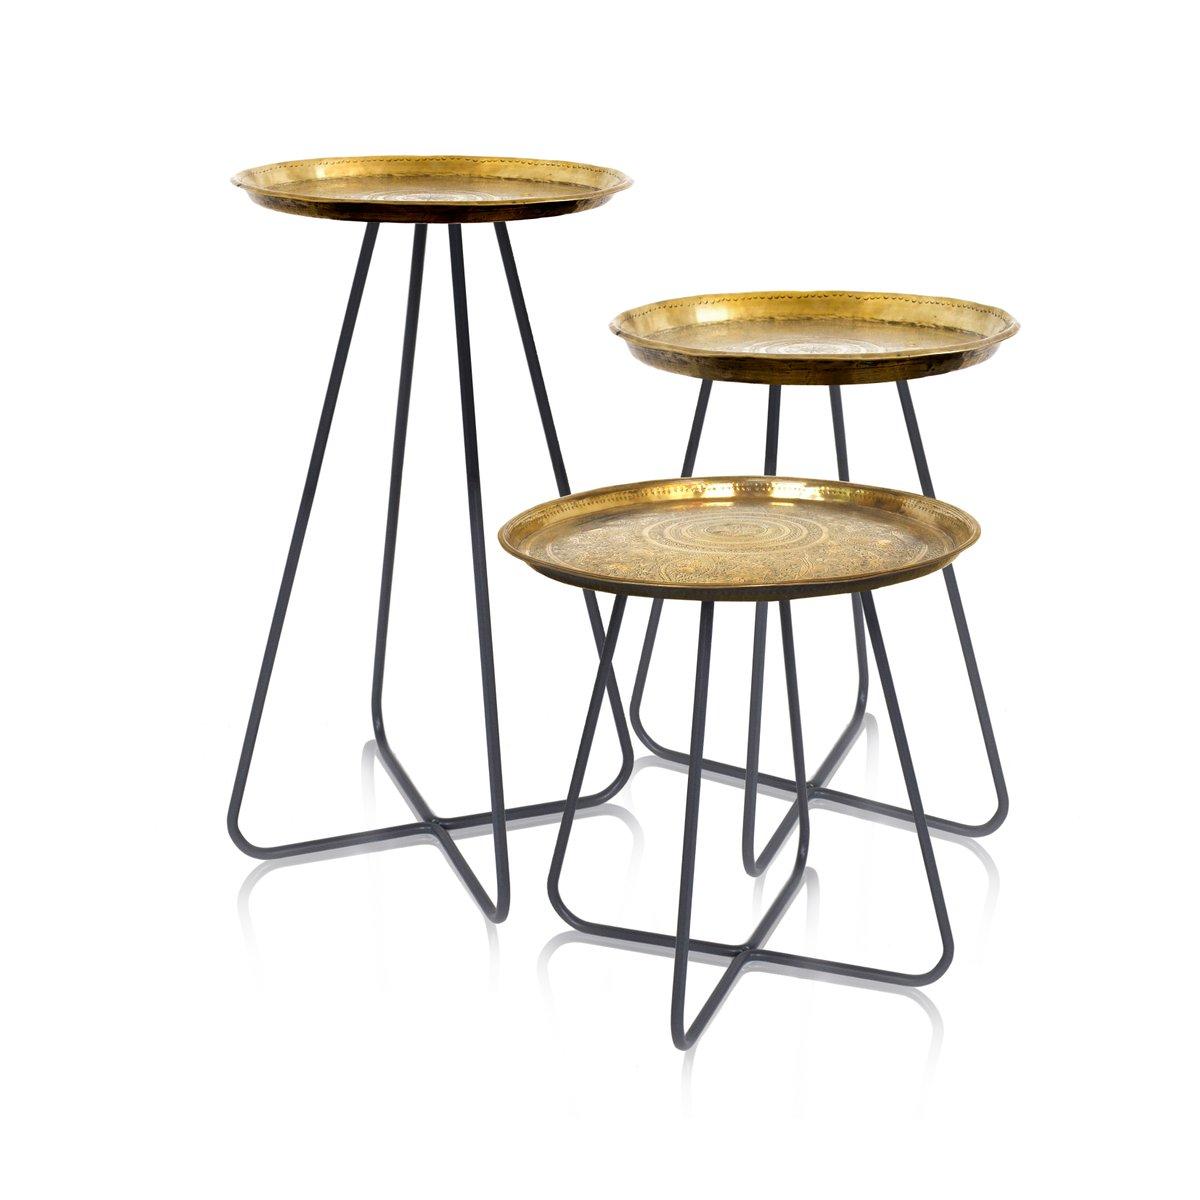 hoher new casablanca tisch aus messing von young battaglia f r mineheart 2018 bei pamono kaufen. Black Bedroom Furniture Sets. Home Design Ideas